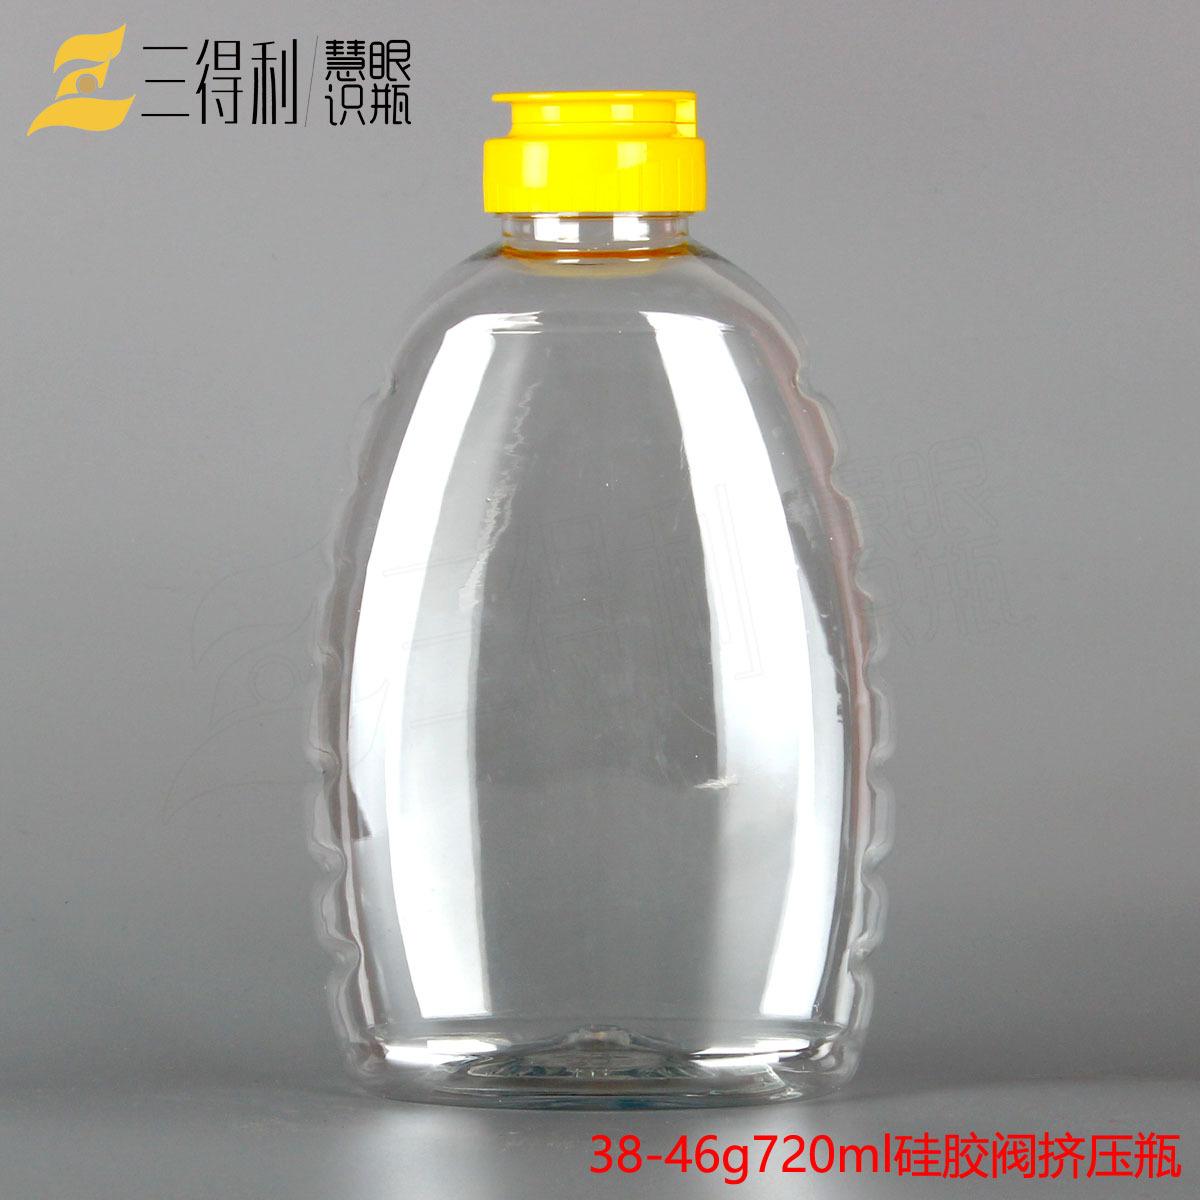 批发食品级1000g蜂蜜塑料瓶 美国硅胶阀盖挤压瓶 透明塑料包装瓶